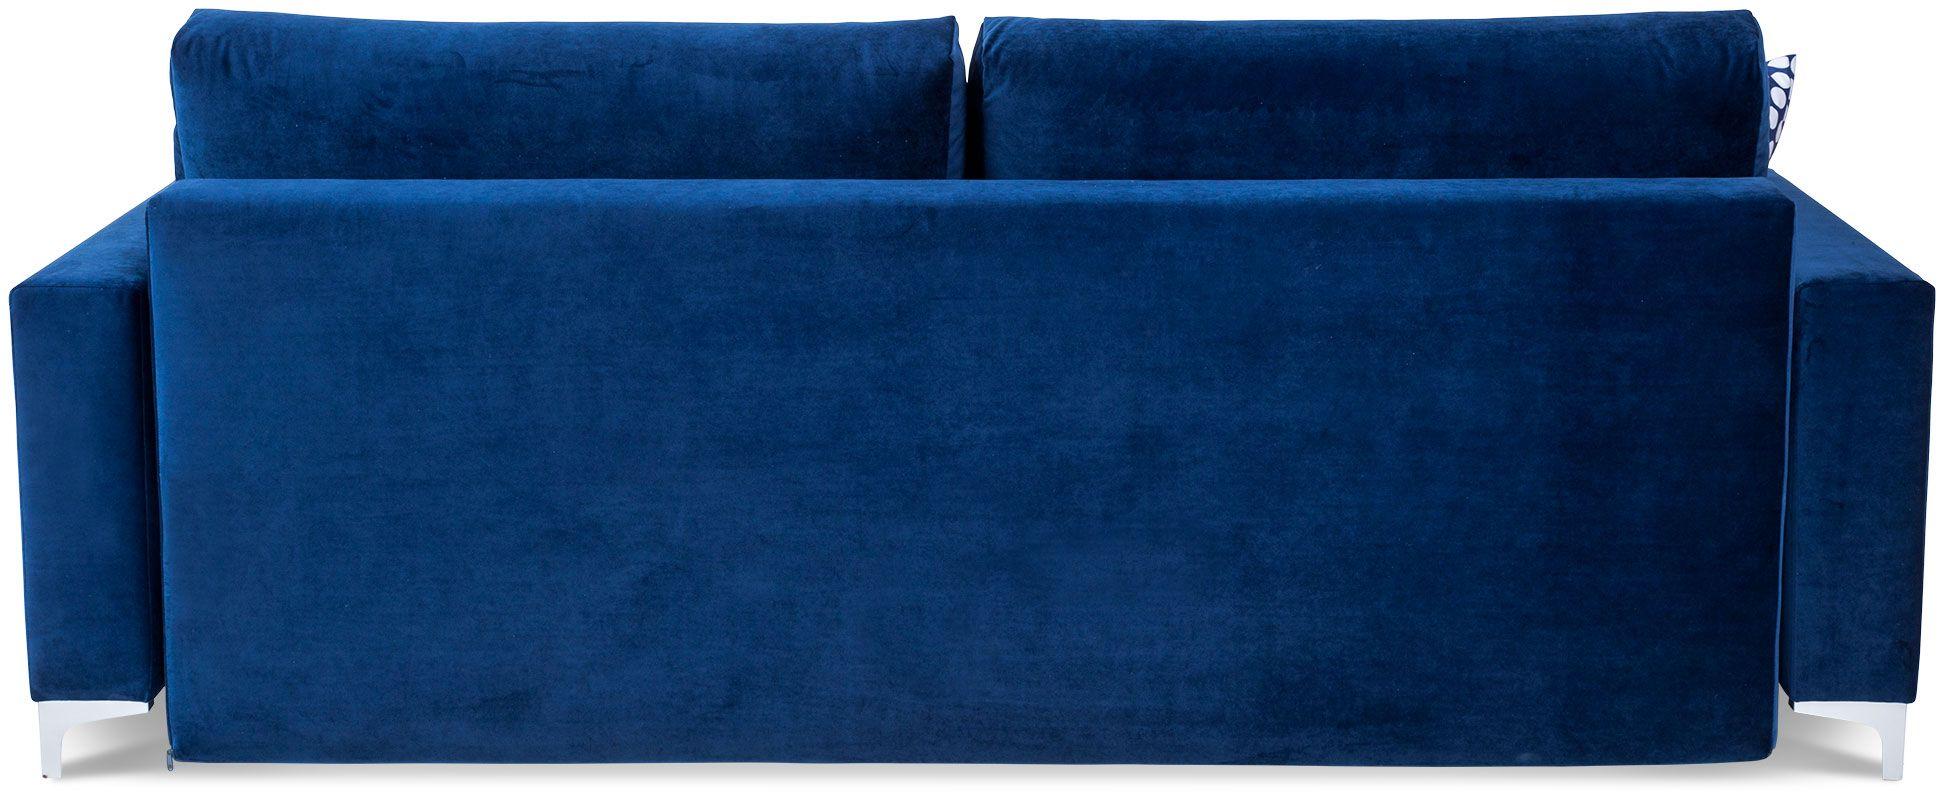 sofa verdi 9